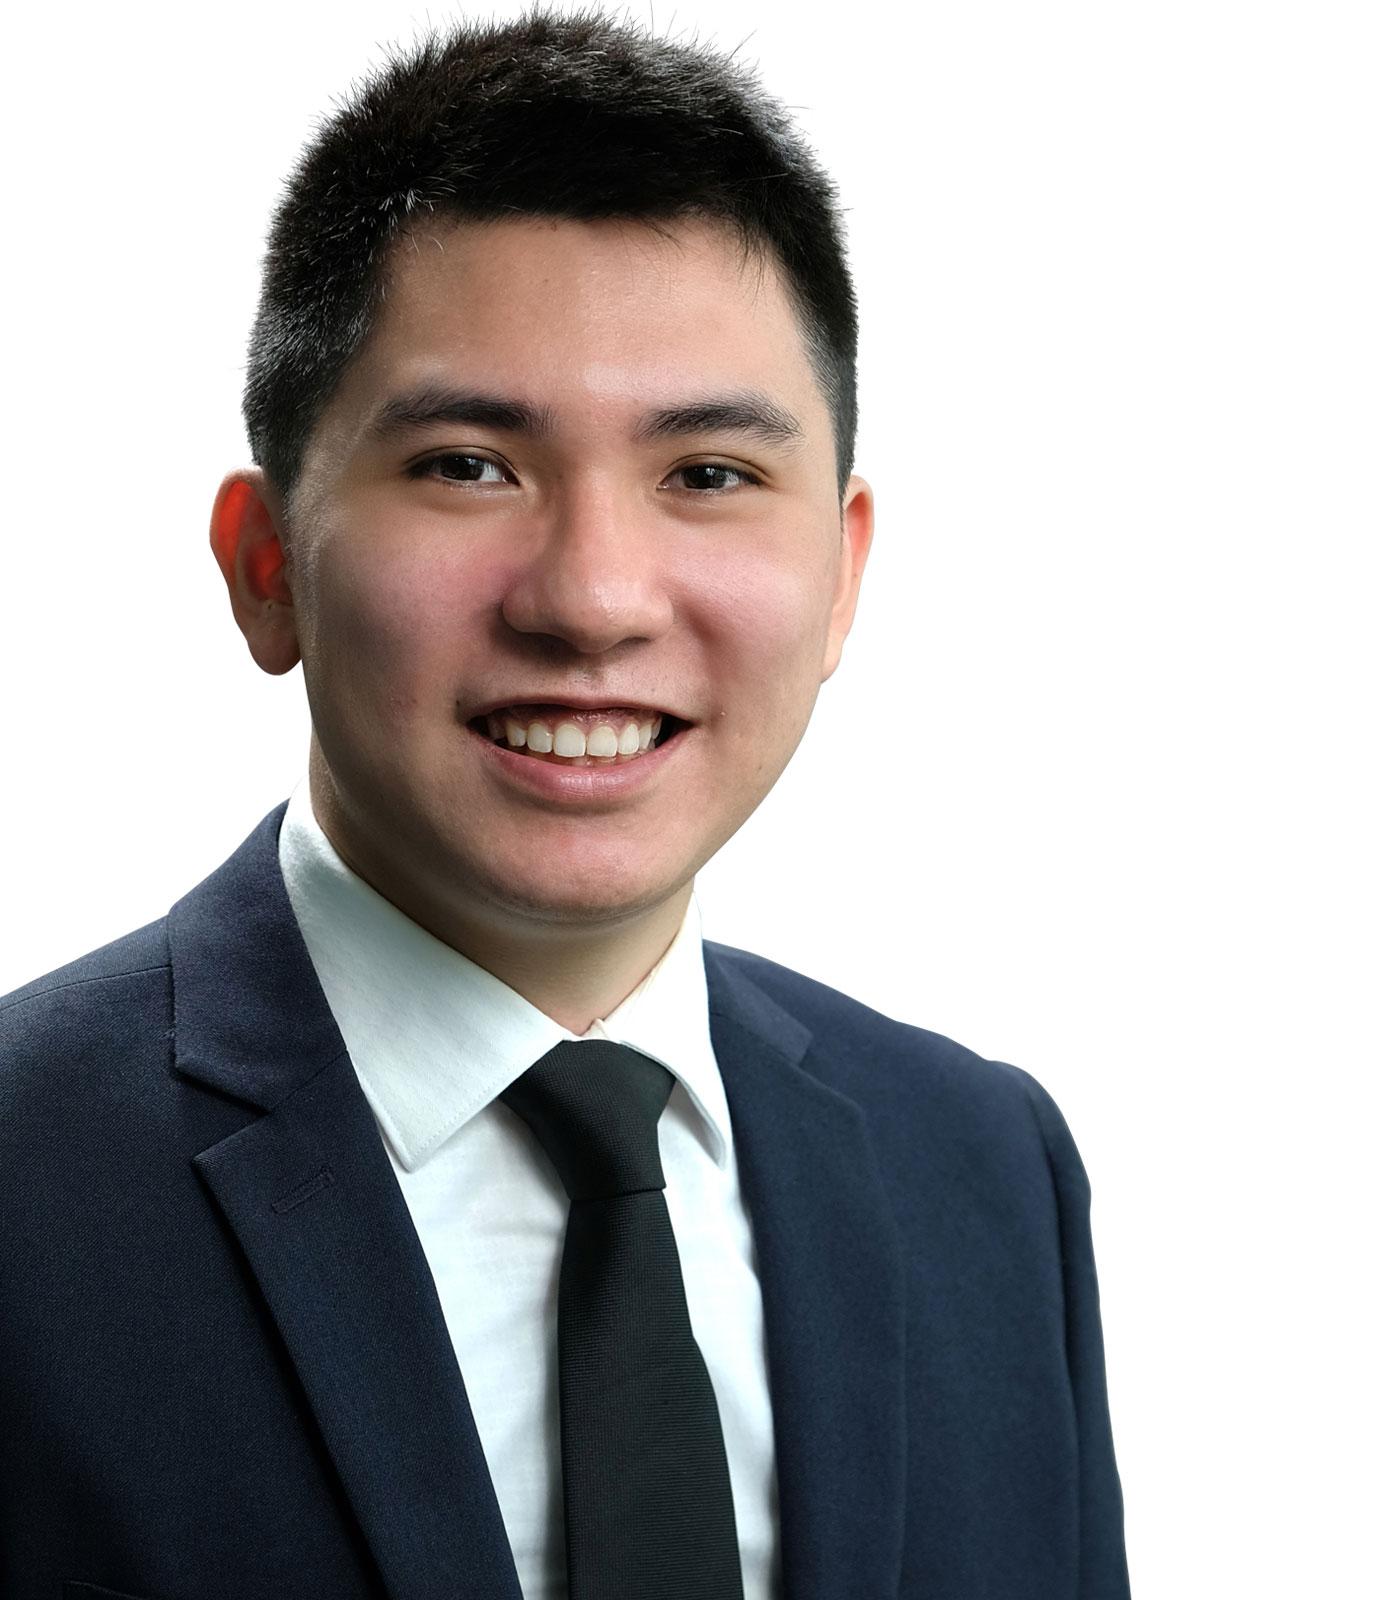 gilbert chng lawyer